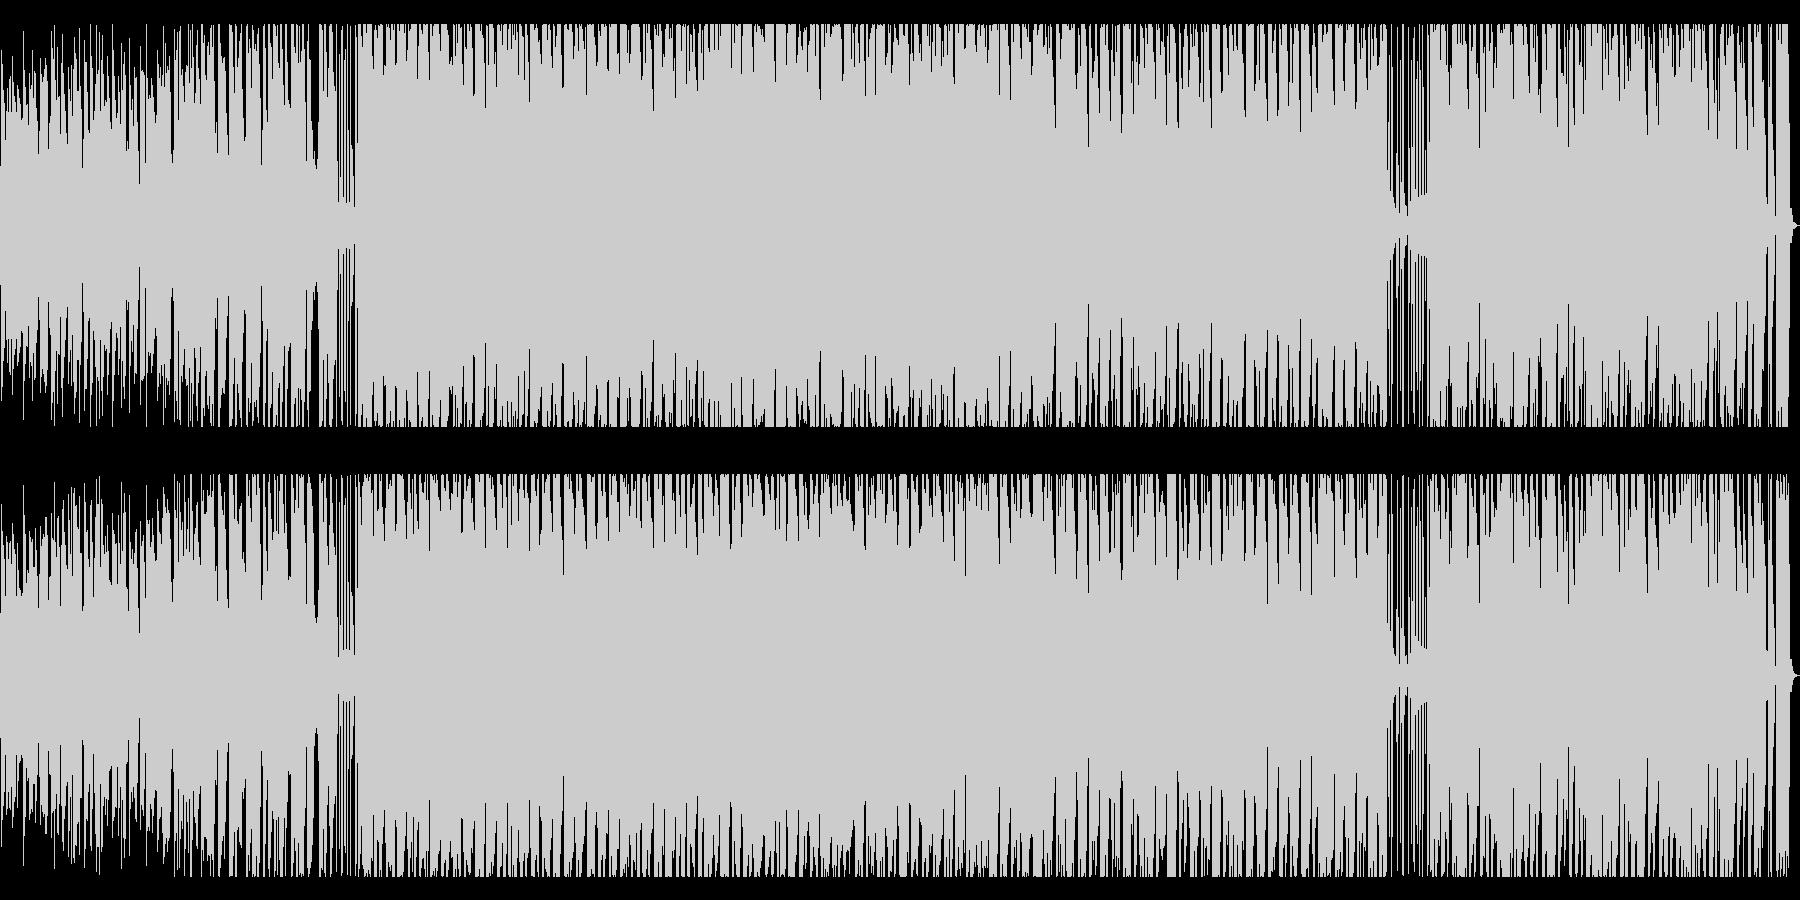 キラキラ/エレクトロポップNo388_2の未再生の波形